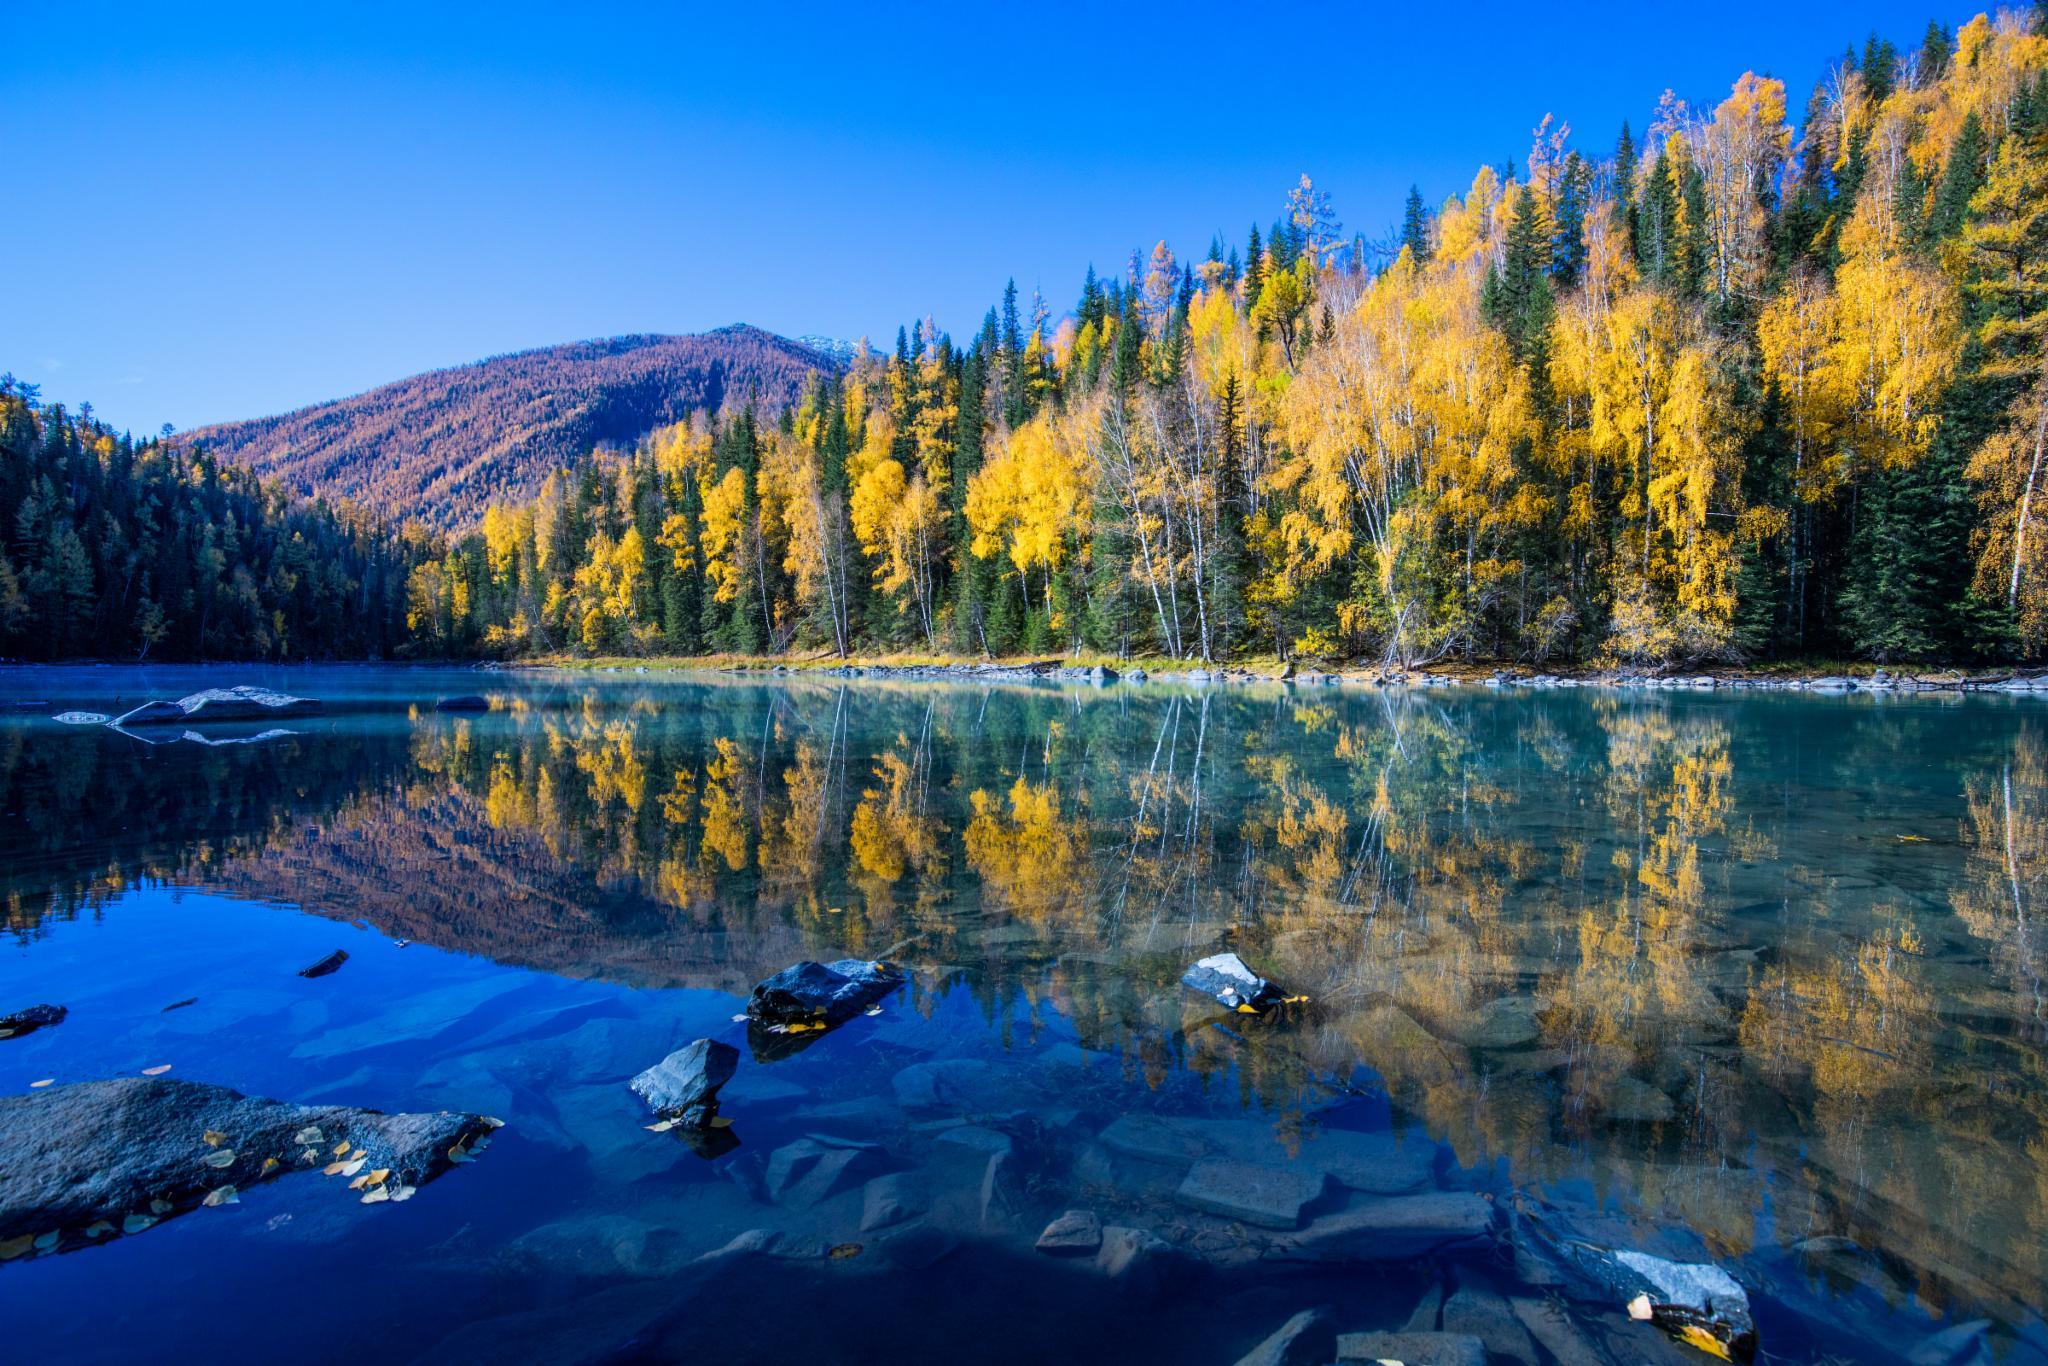 在神的后花园遇见秋,撩动大西洋最后的眼泪 - 北疆在路上